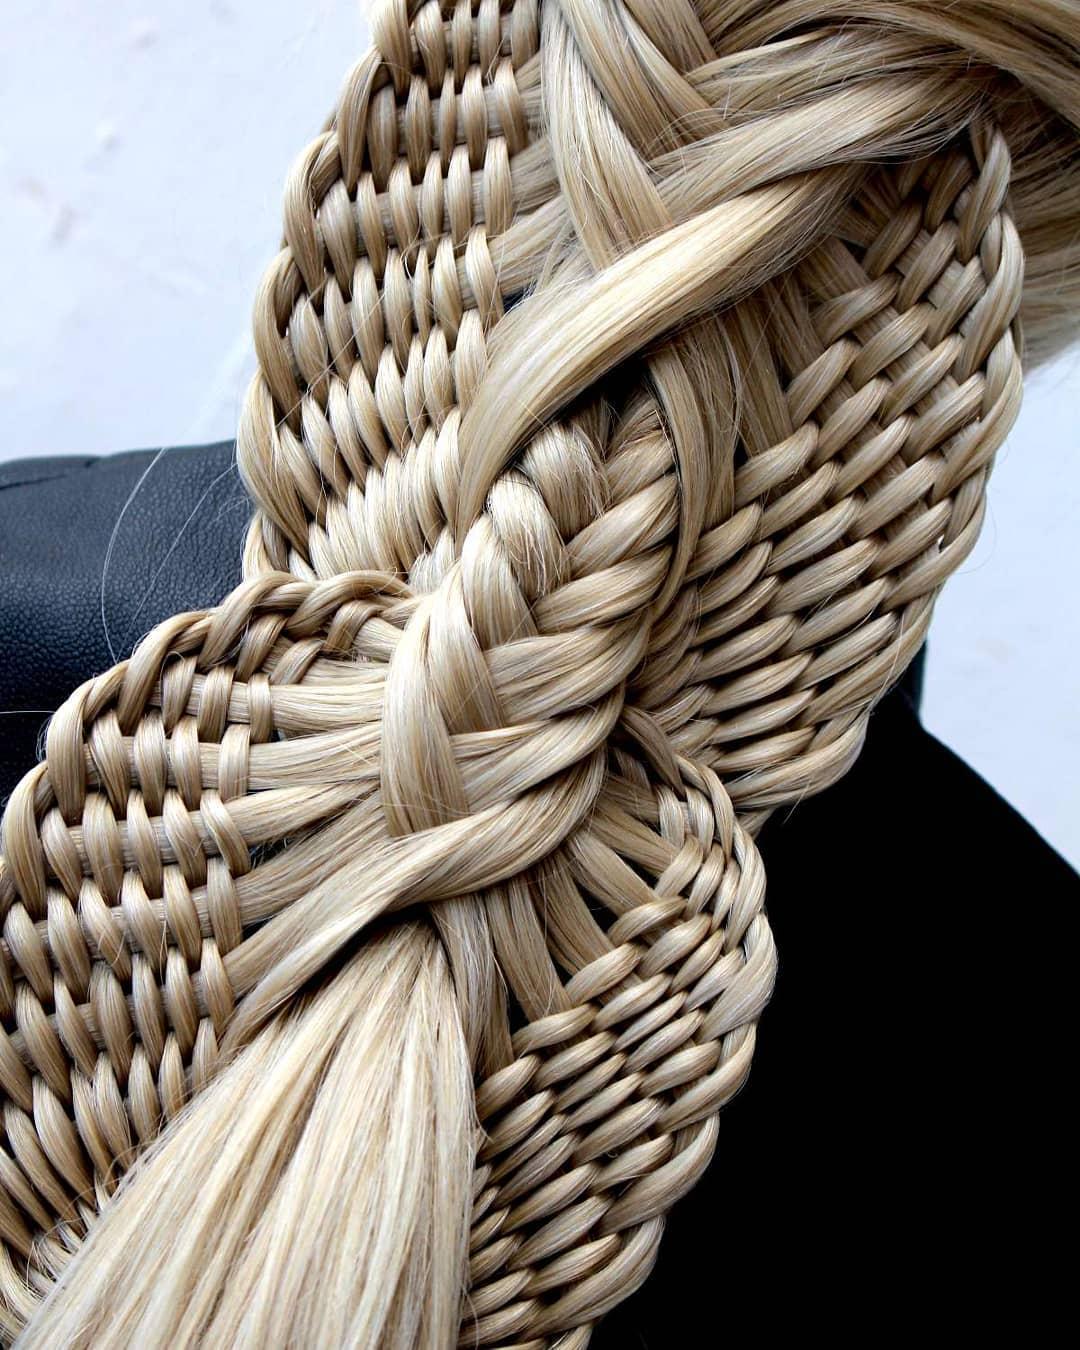 Cobra braid